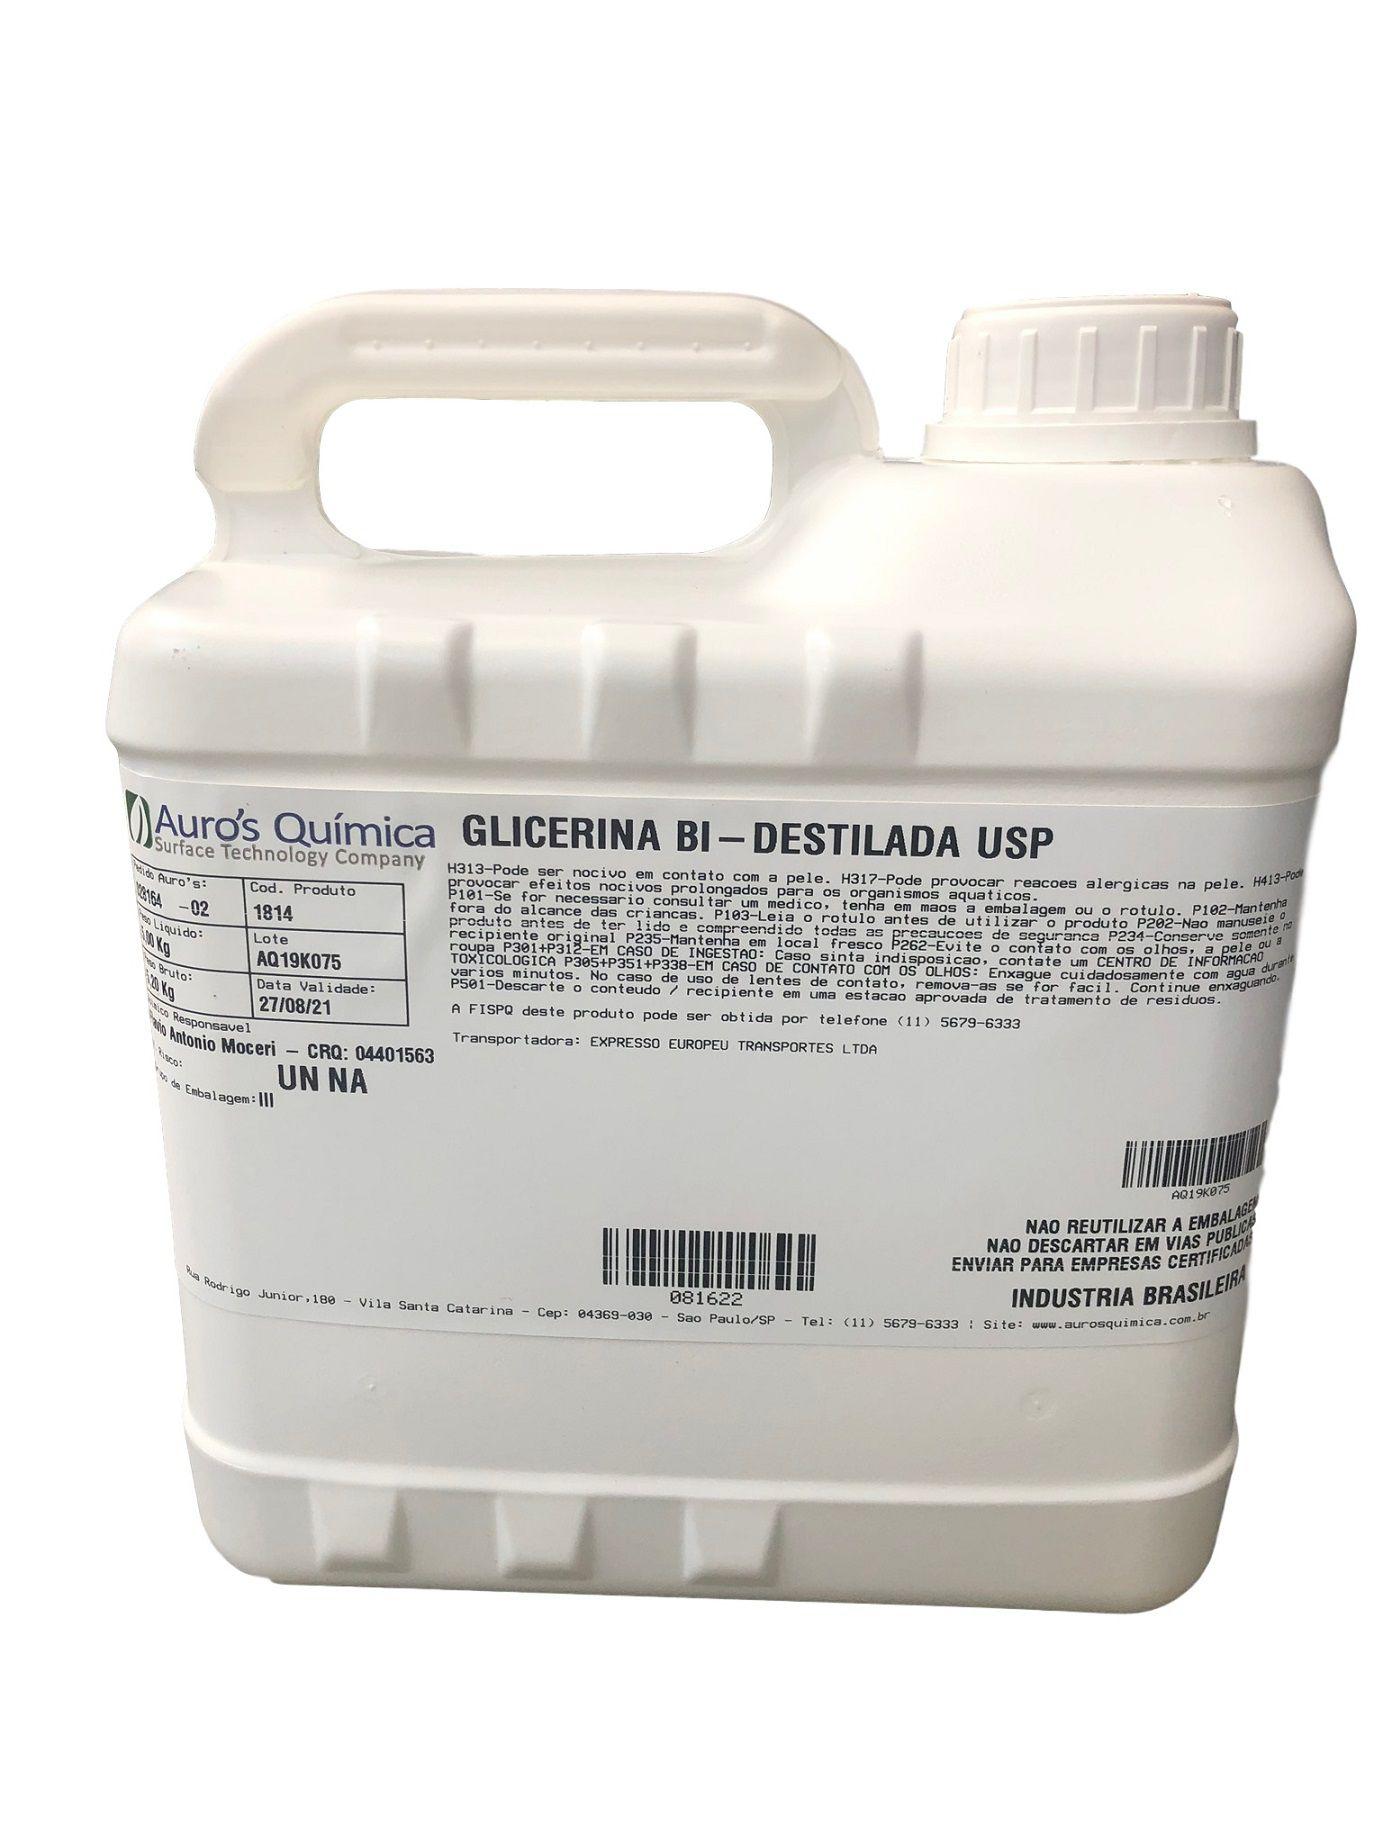 Glicerina Bi Destilada USP - 5 Kg